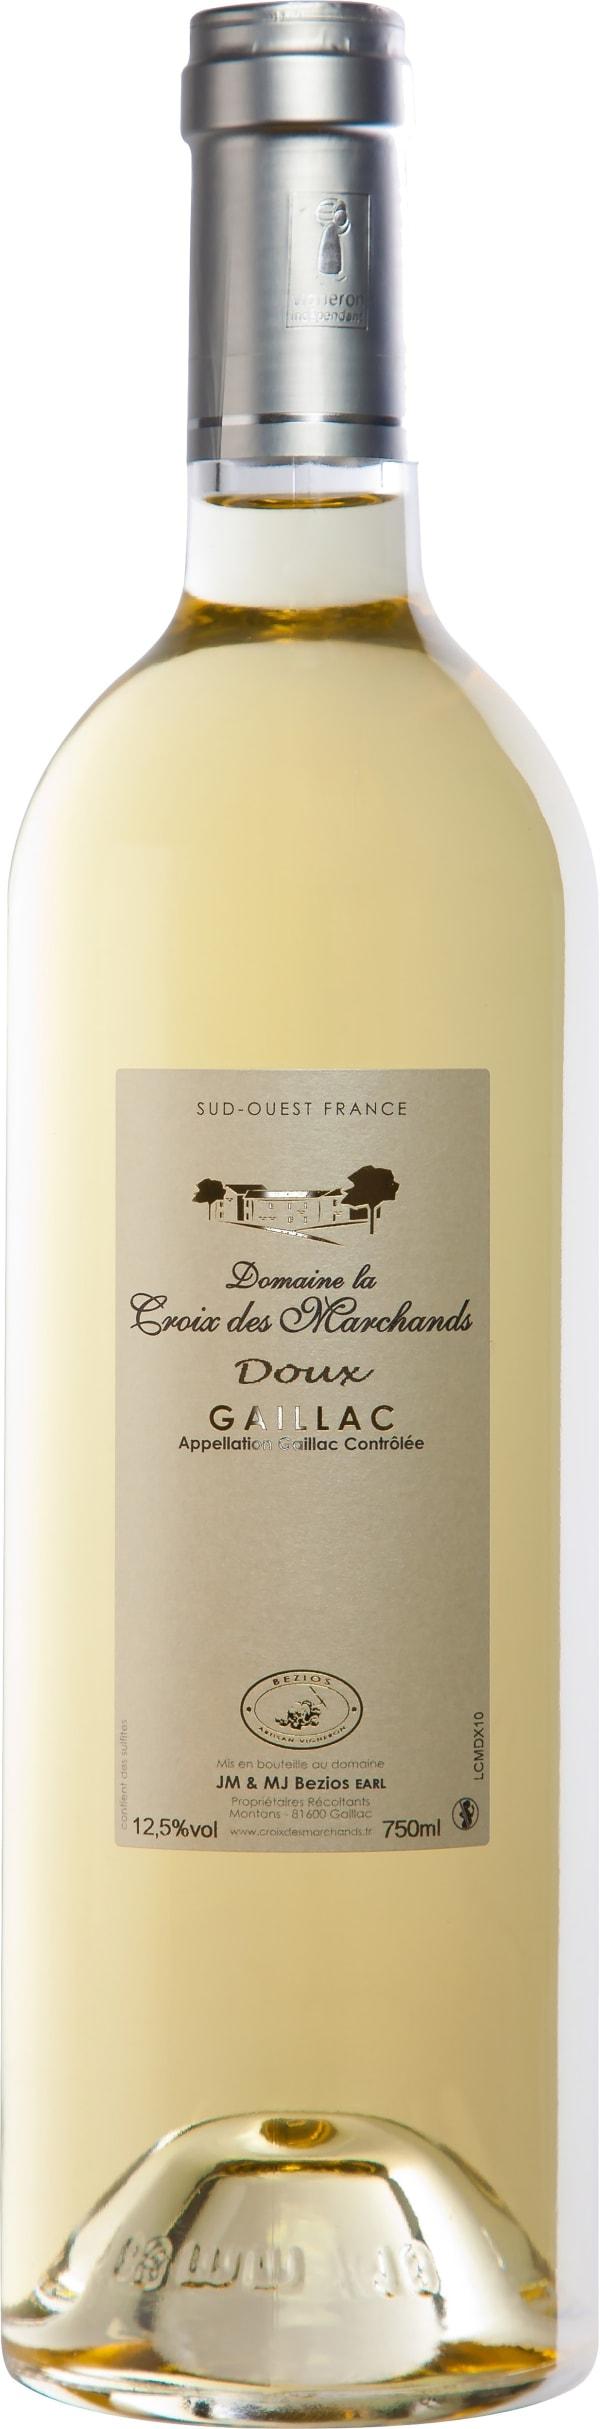 Domaine La Croix Des Marchands Douceur D'Automne Gaillac 2016